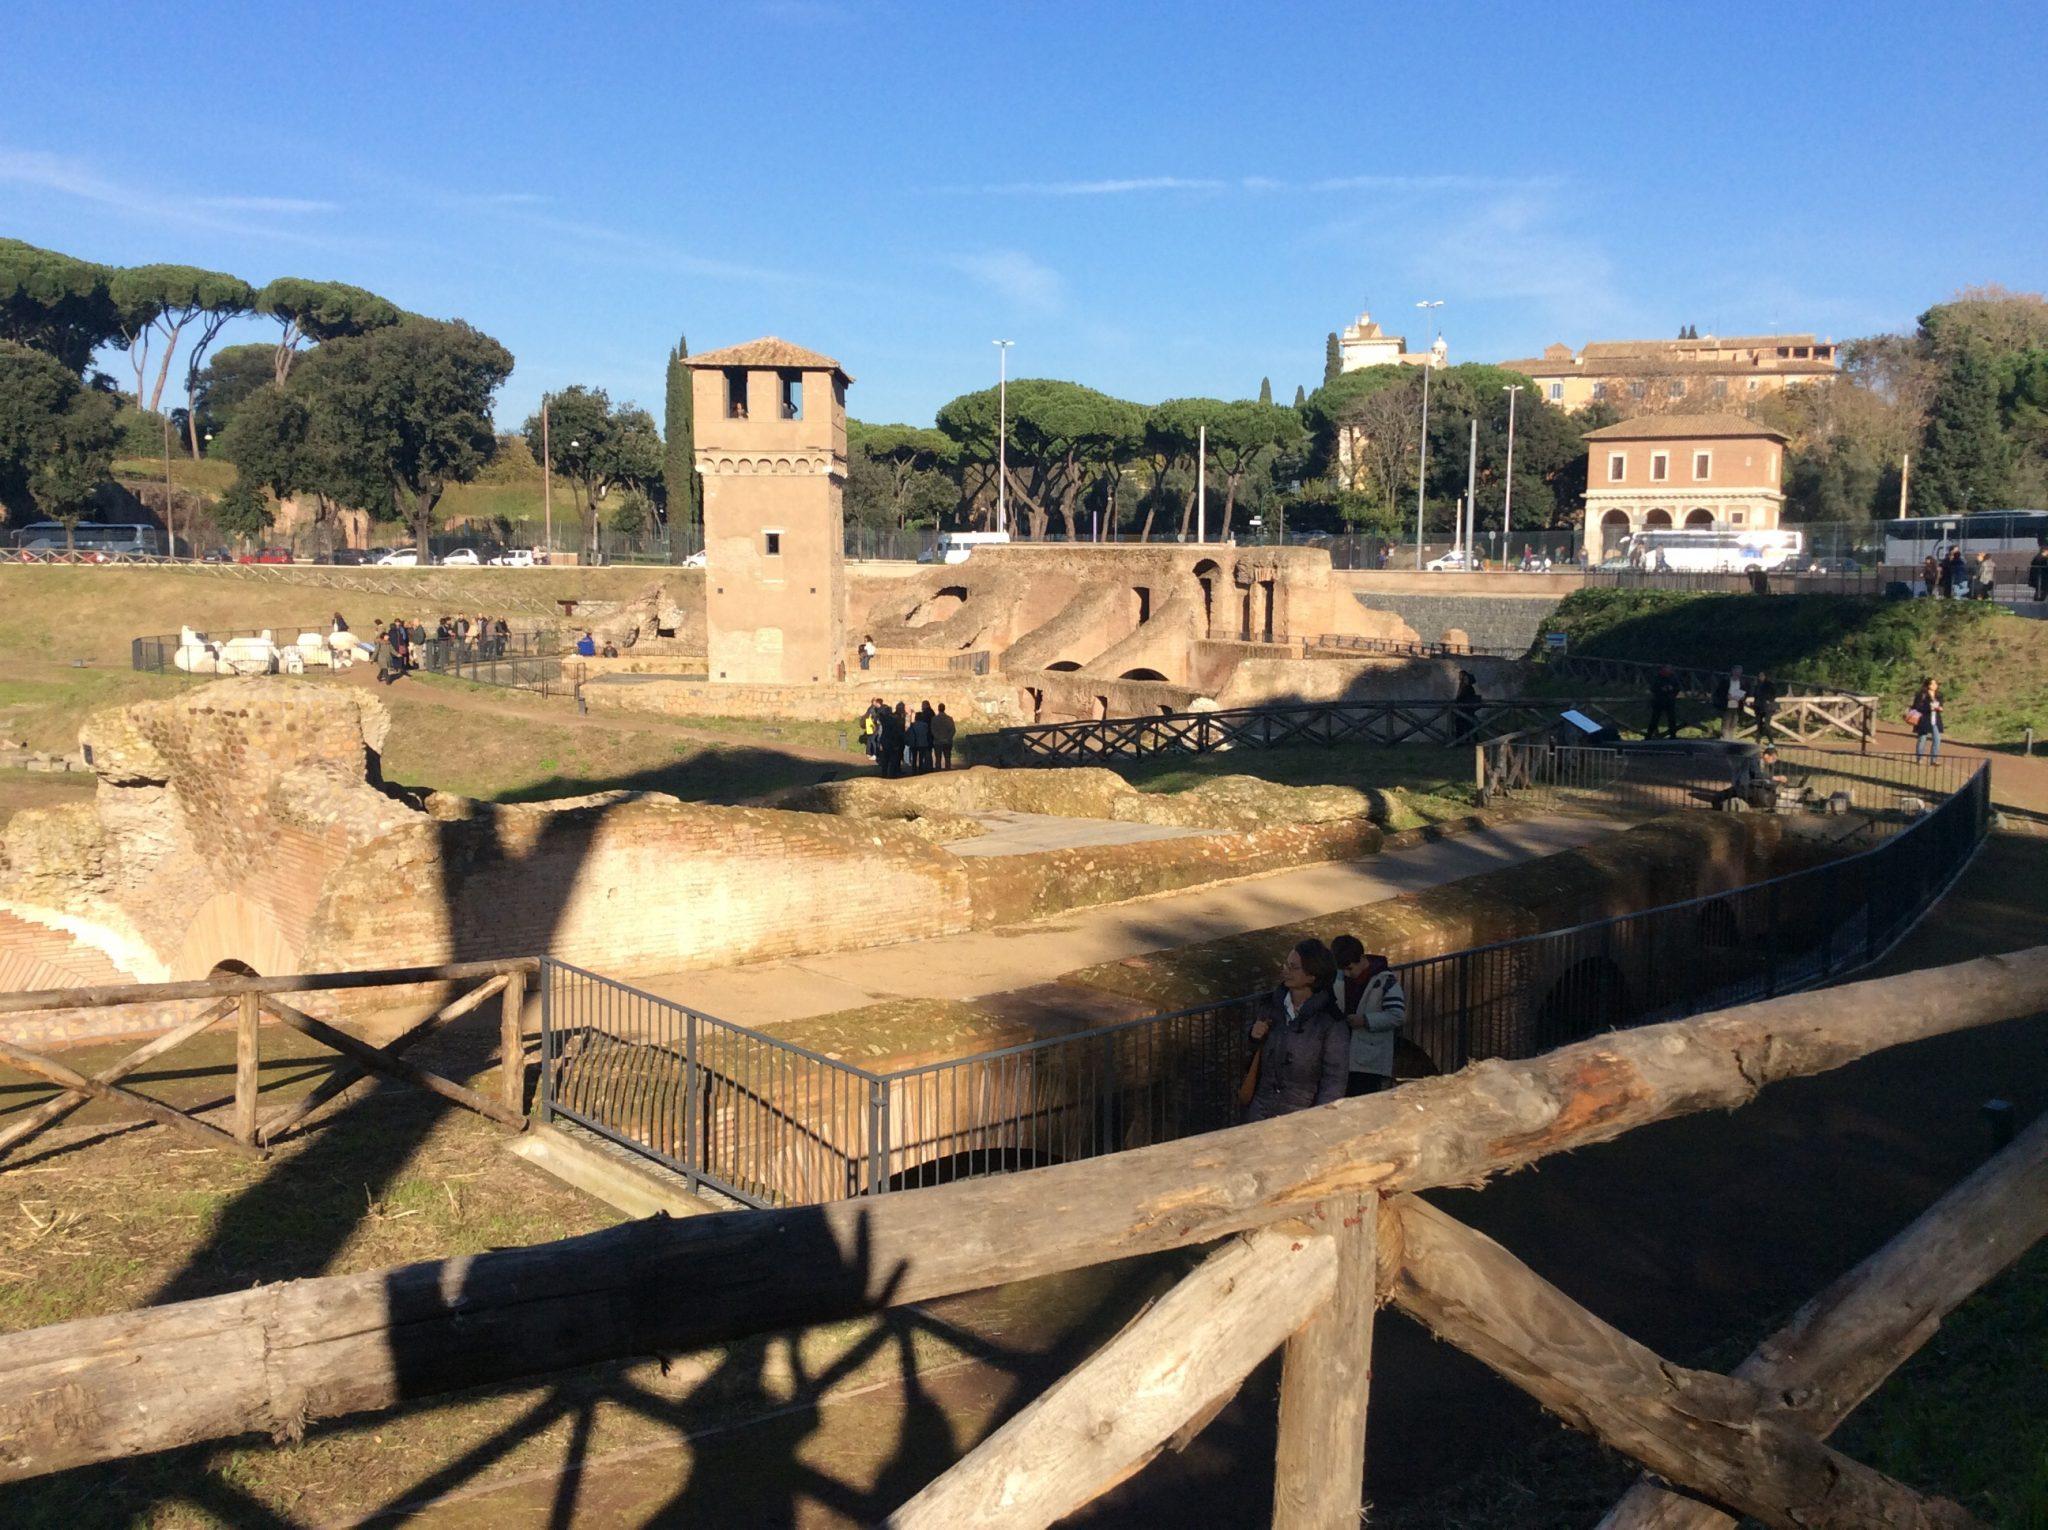 Dopo 7 anni apre al pubblico l'area archeologica del Circo Massimo